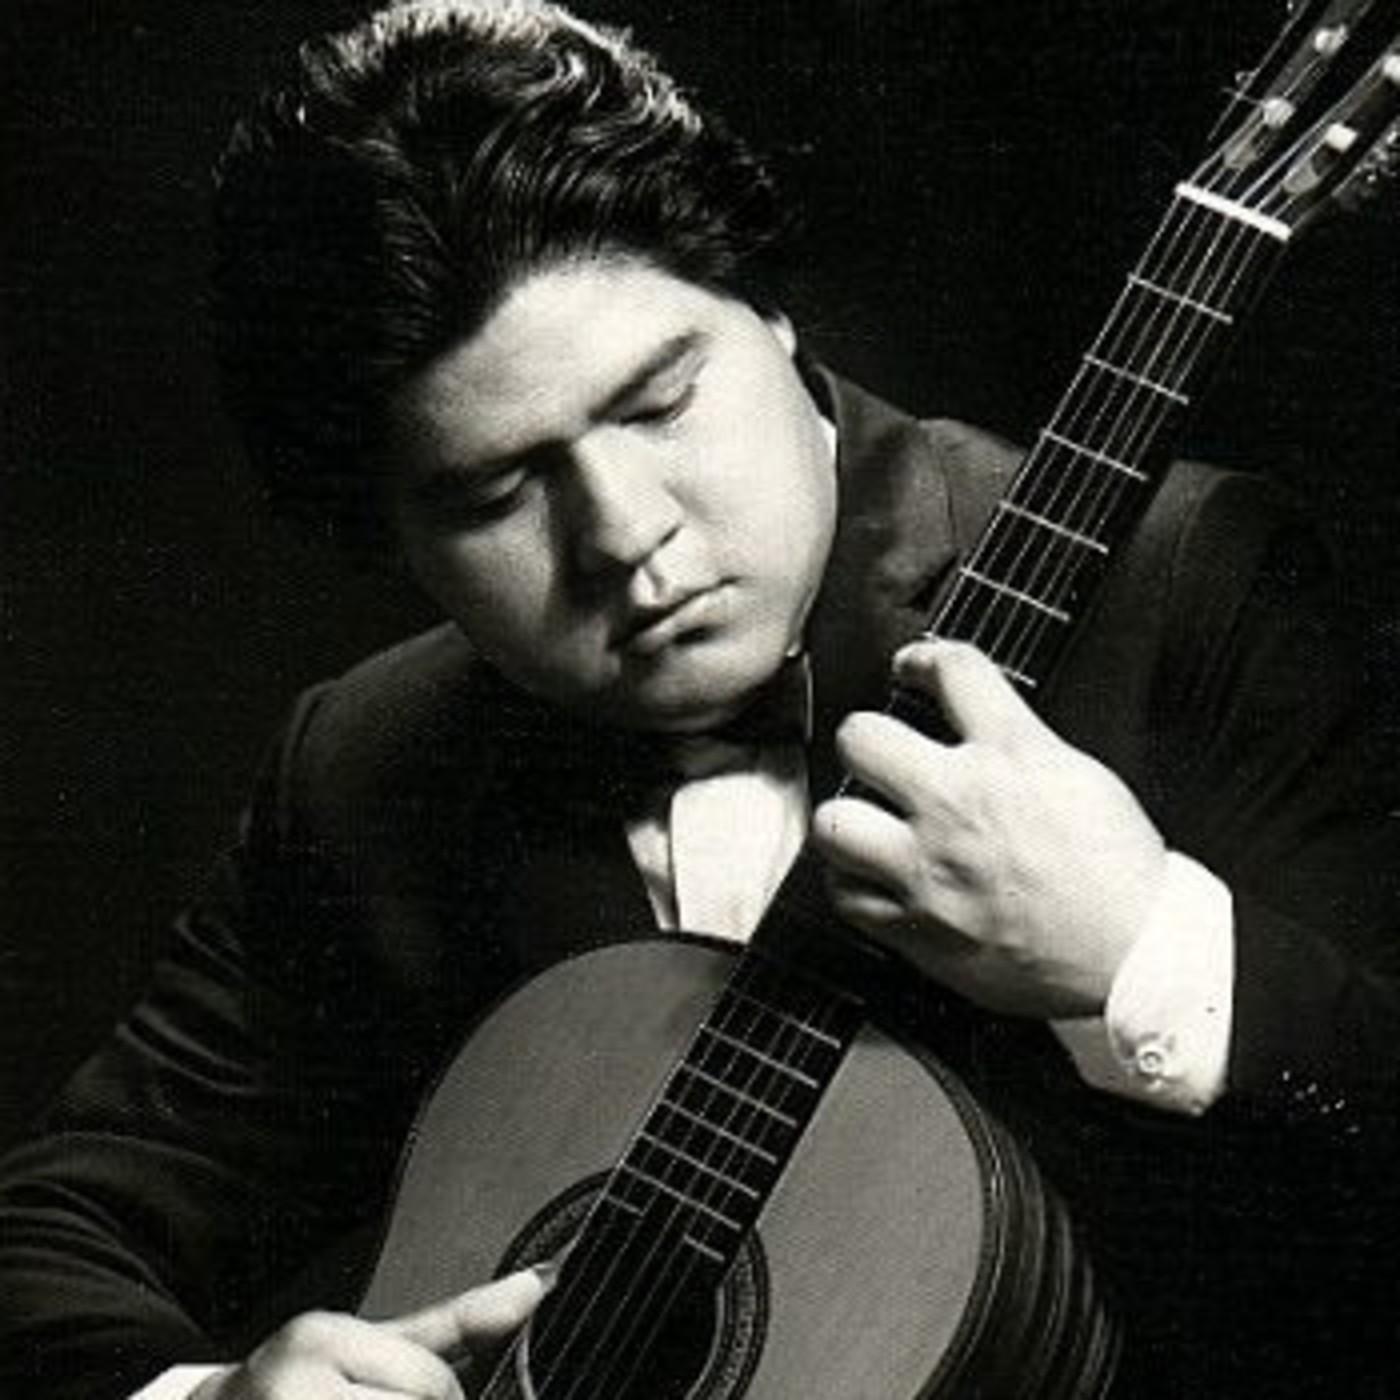 Fabian Carrera